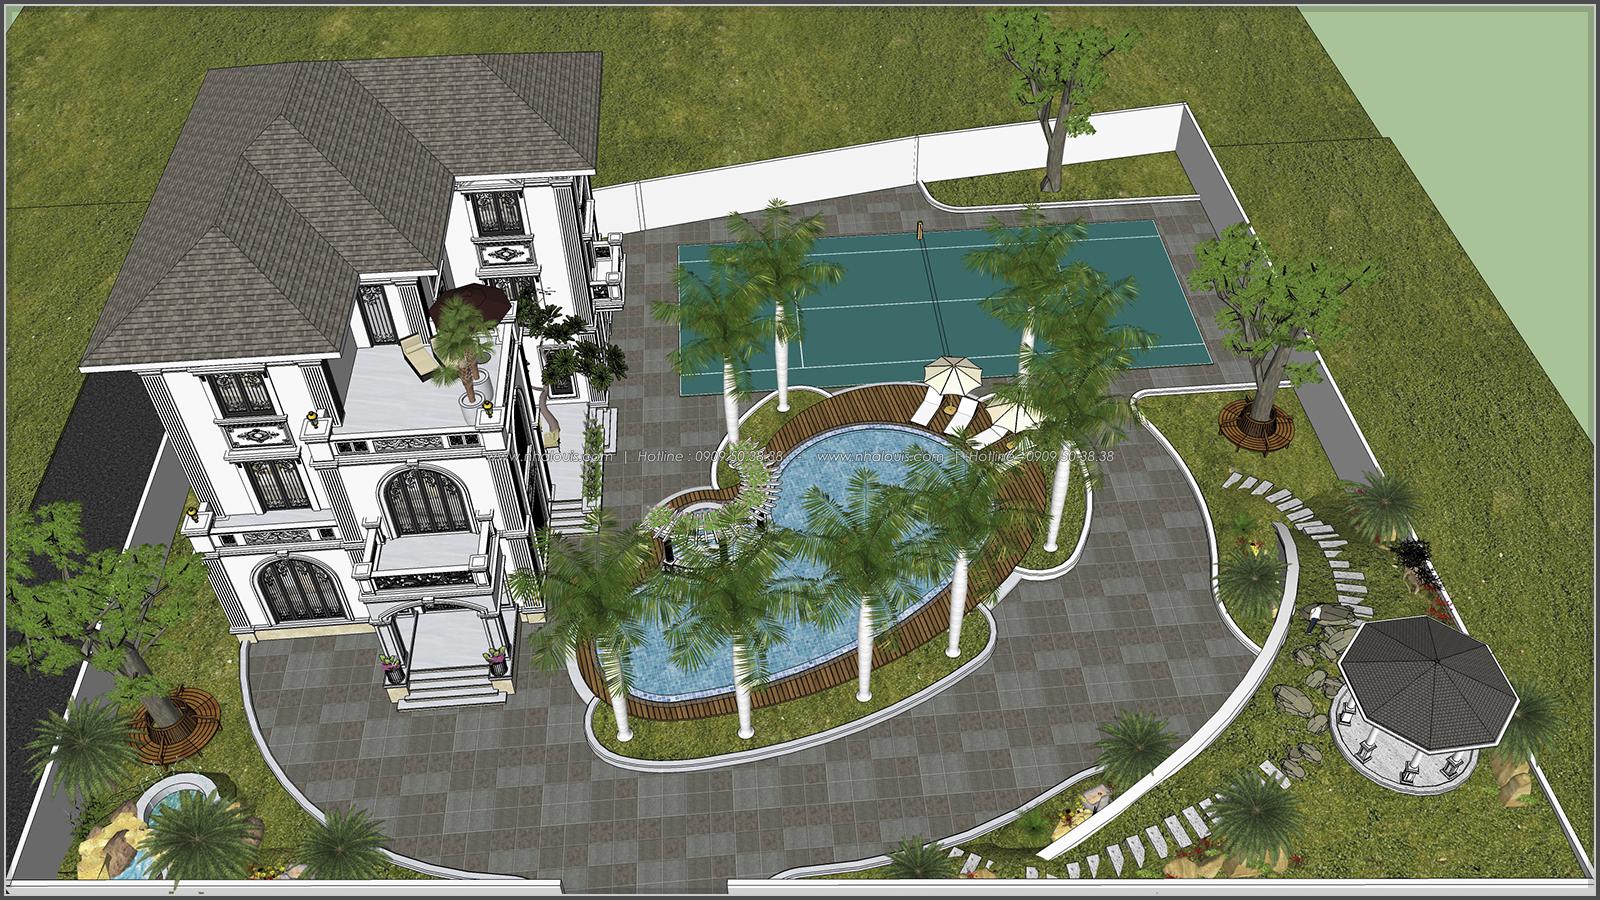 Thiết kế biệt thự hồ bơi 3 tầng 2 mặt tiền đẳng cấp tại Củ Chi - 7